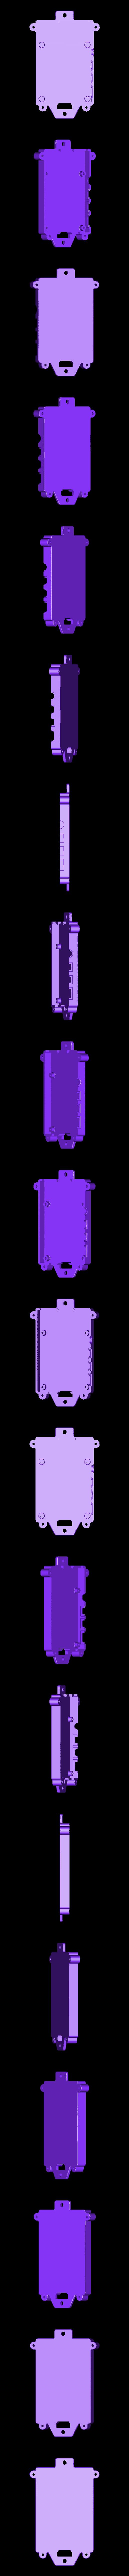 BOTTOM-8020_BLANK.STL Télécharger fichier STL gratuit Étui Pi 4B Framboise Framboise • Objet pour imprimante 3D, mkellsy